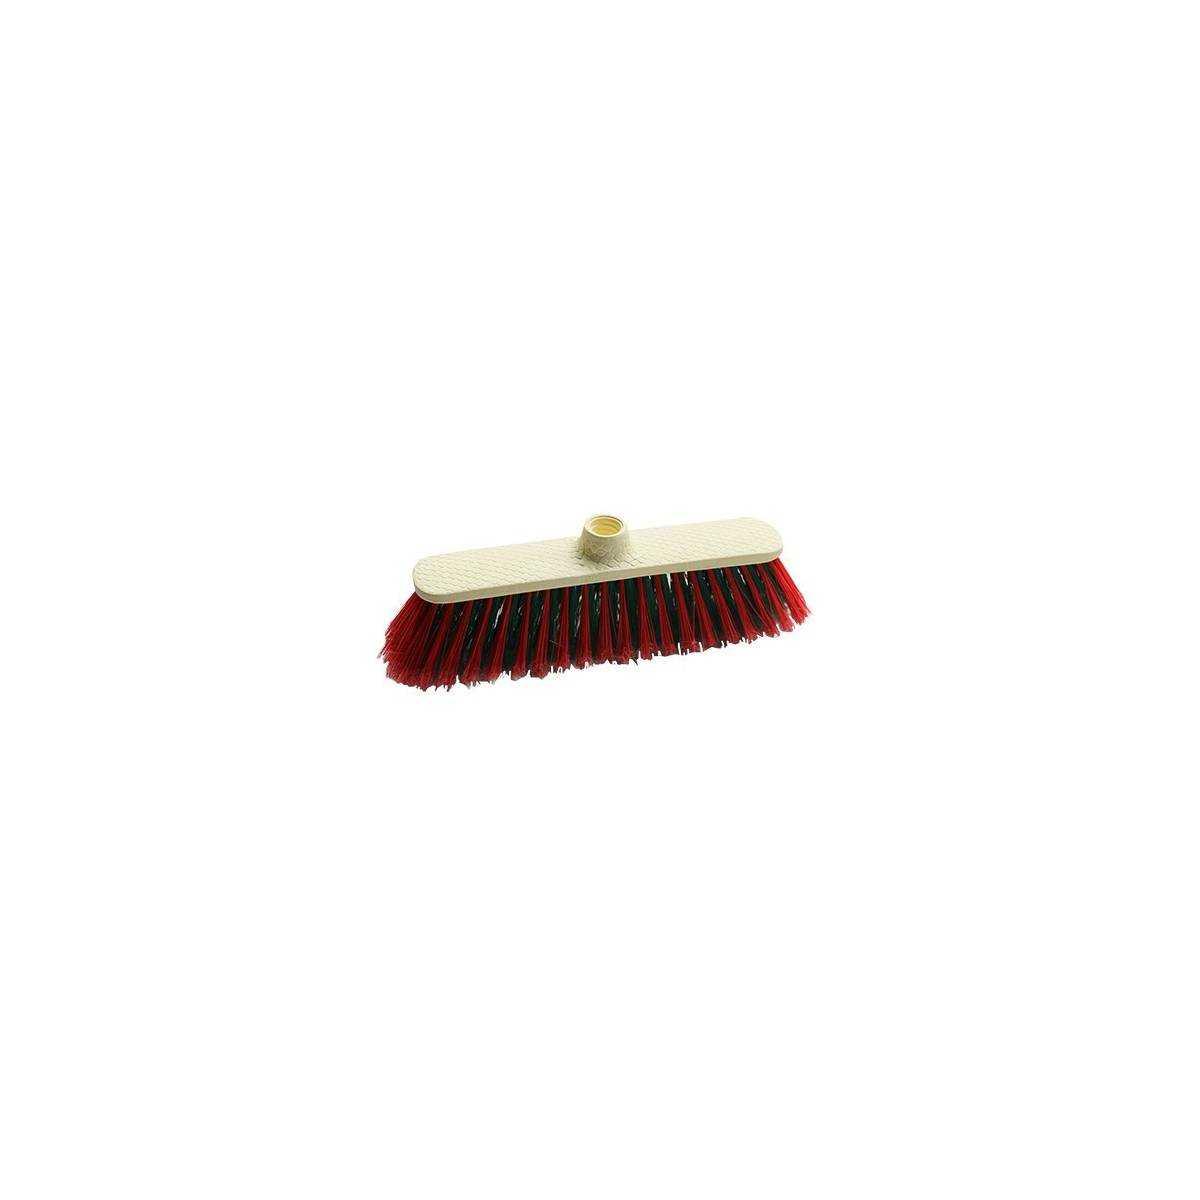 Щетка для пола поливинилхлорид 30см FRANCESINA (Красно-зеленого цвета) 03.00280.0012 G TTS